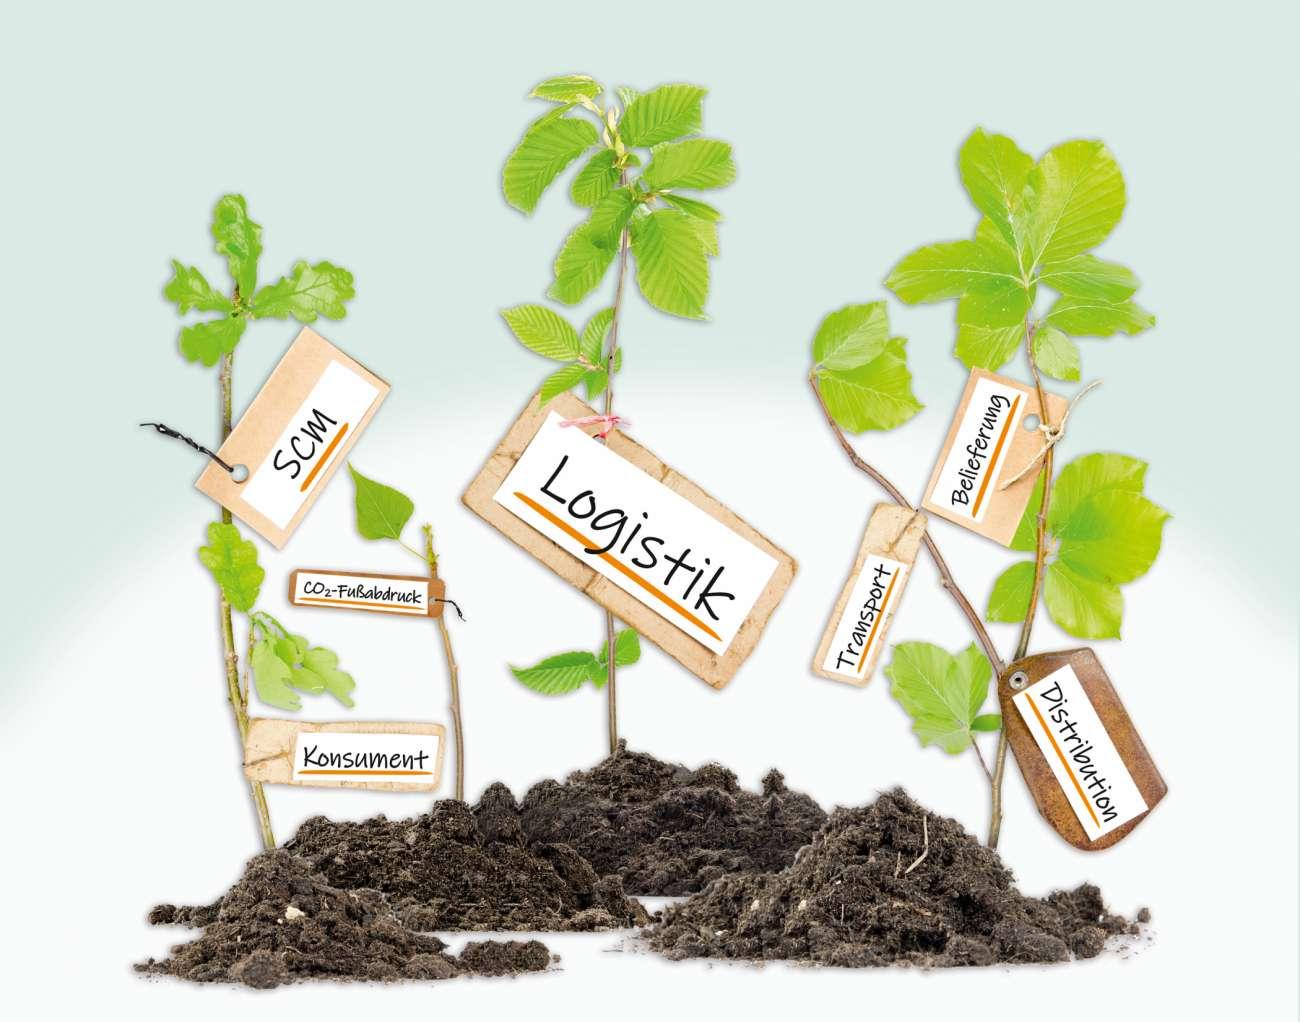 Nachhaltigkeit: Wie grün ist die Logistik? - Umwelt-, Klimaschutz und Nachhaltigkeit | News - Logistik Heute